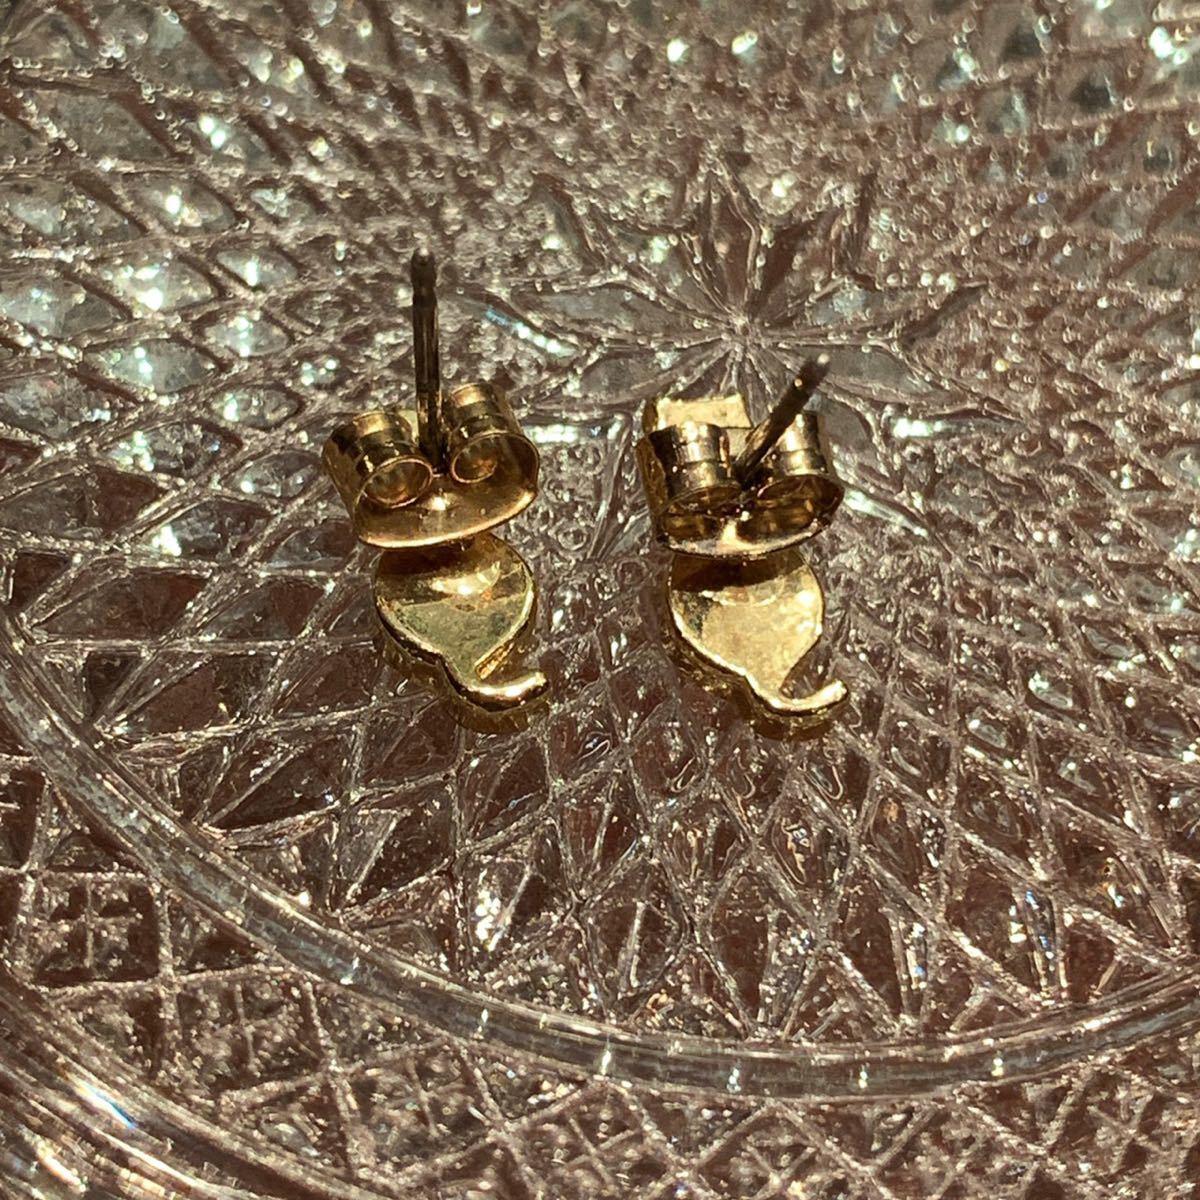 〈新品未使用〉ピアス 猫モチーフ ネコ ゴールドカラー 真鍮 ハンドメイド アクセサリー_画像4